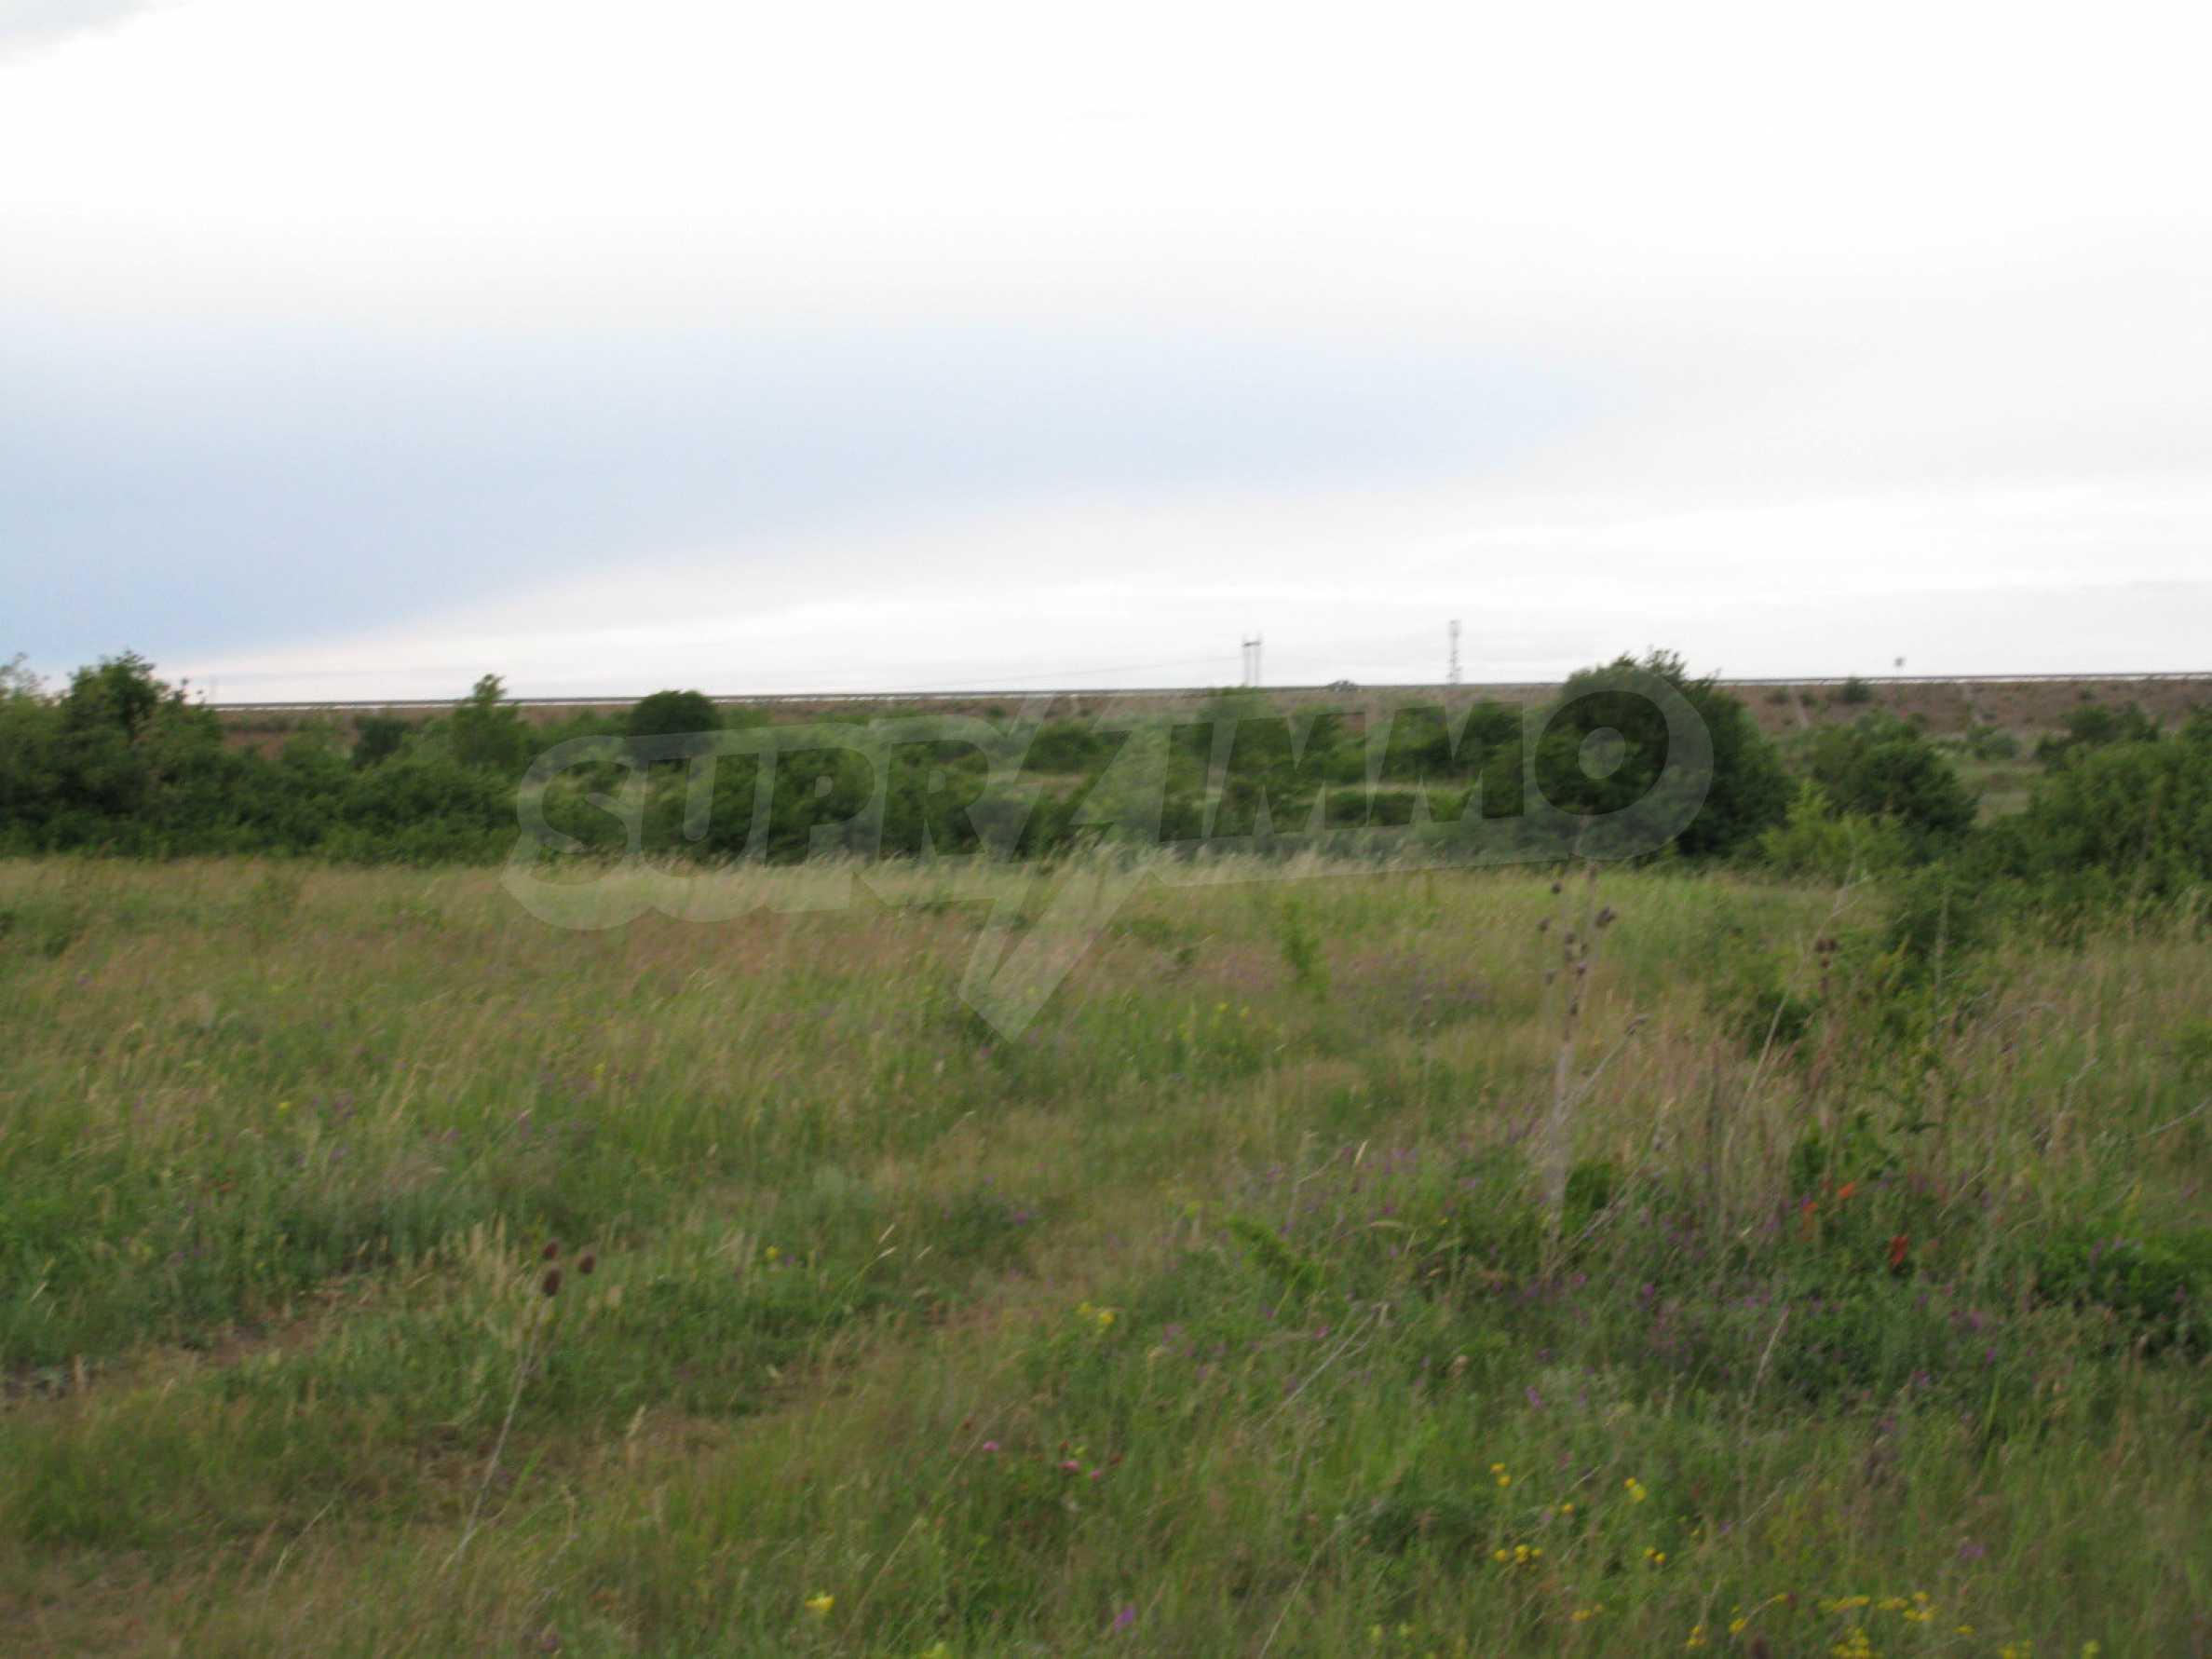 Ackerland in der Nähe eines Sees in Suhodol 23